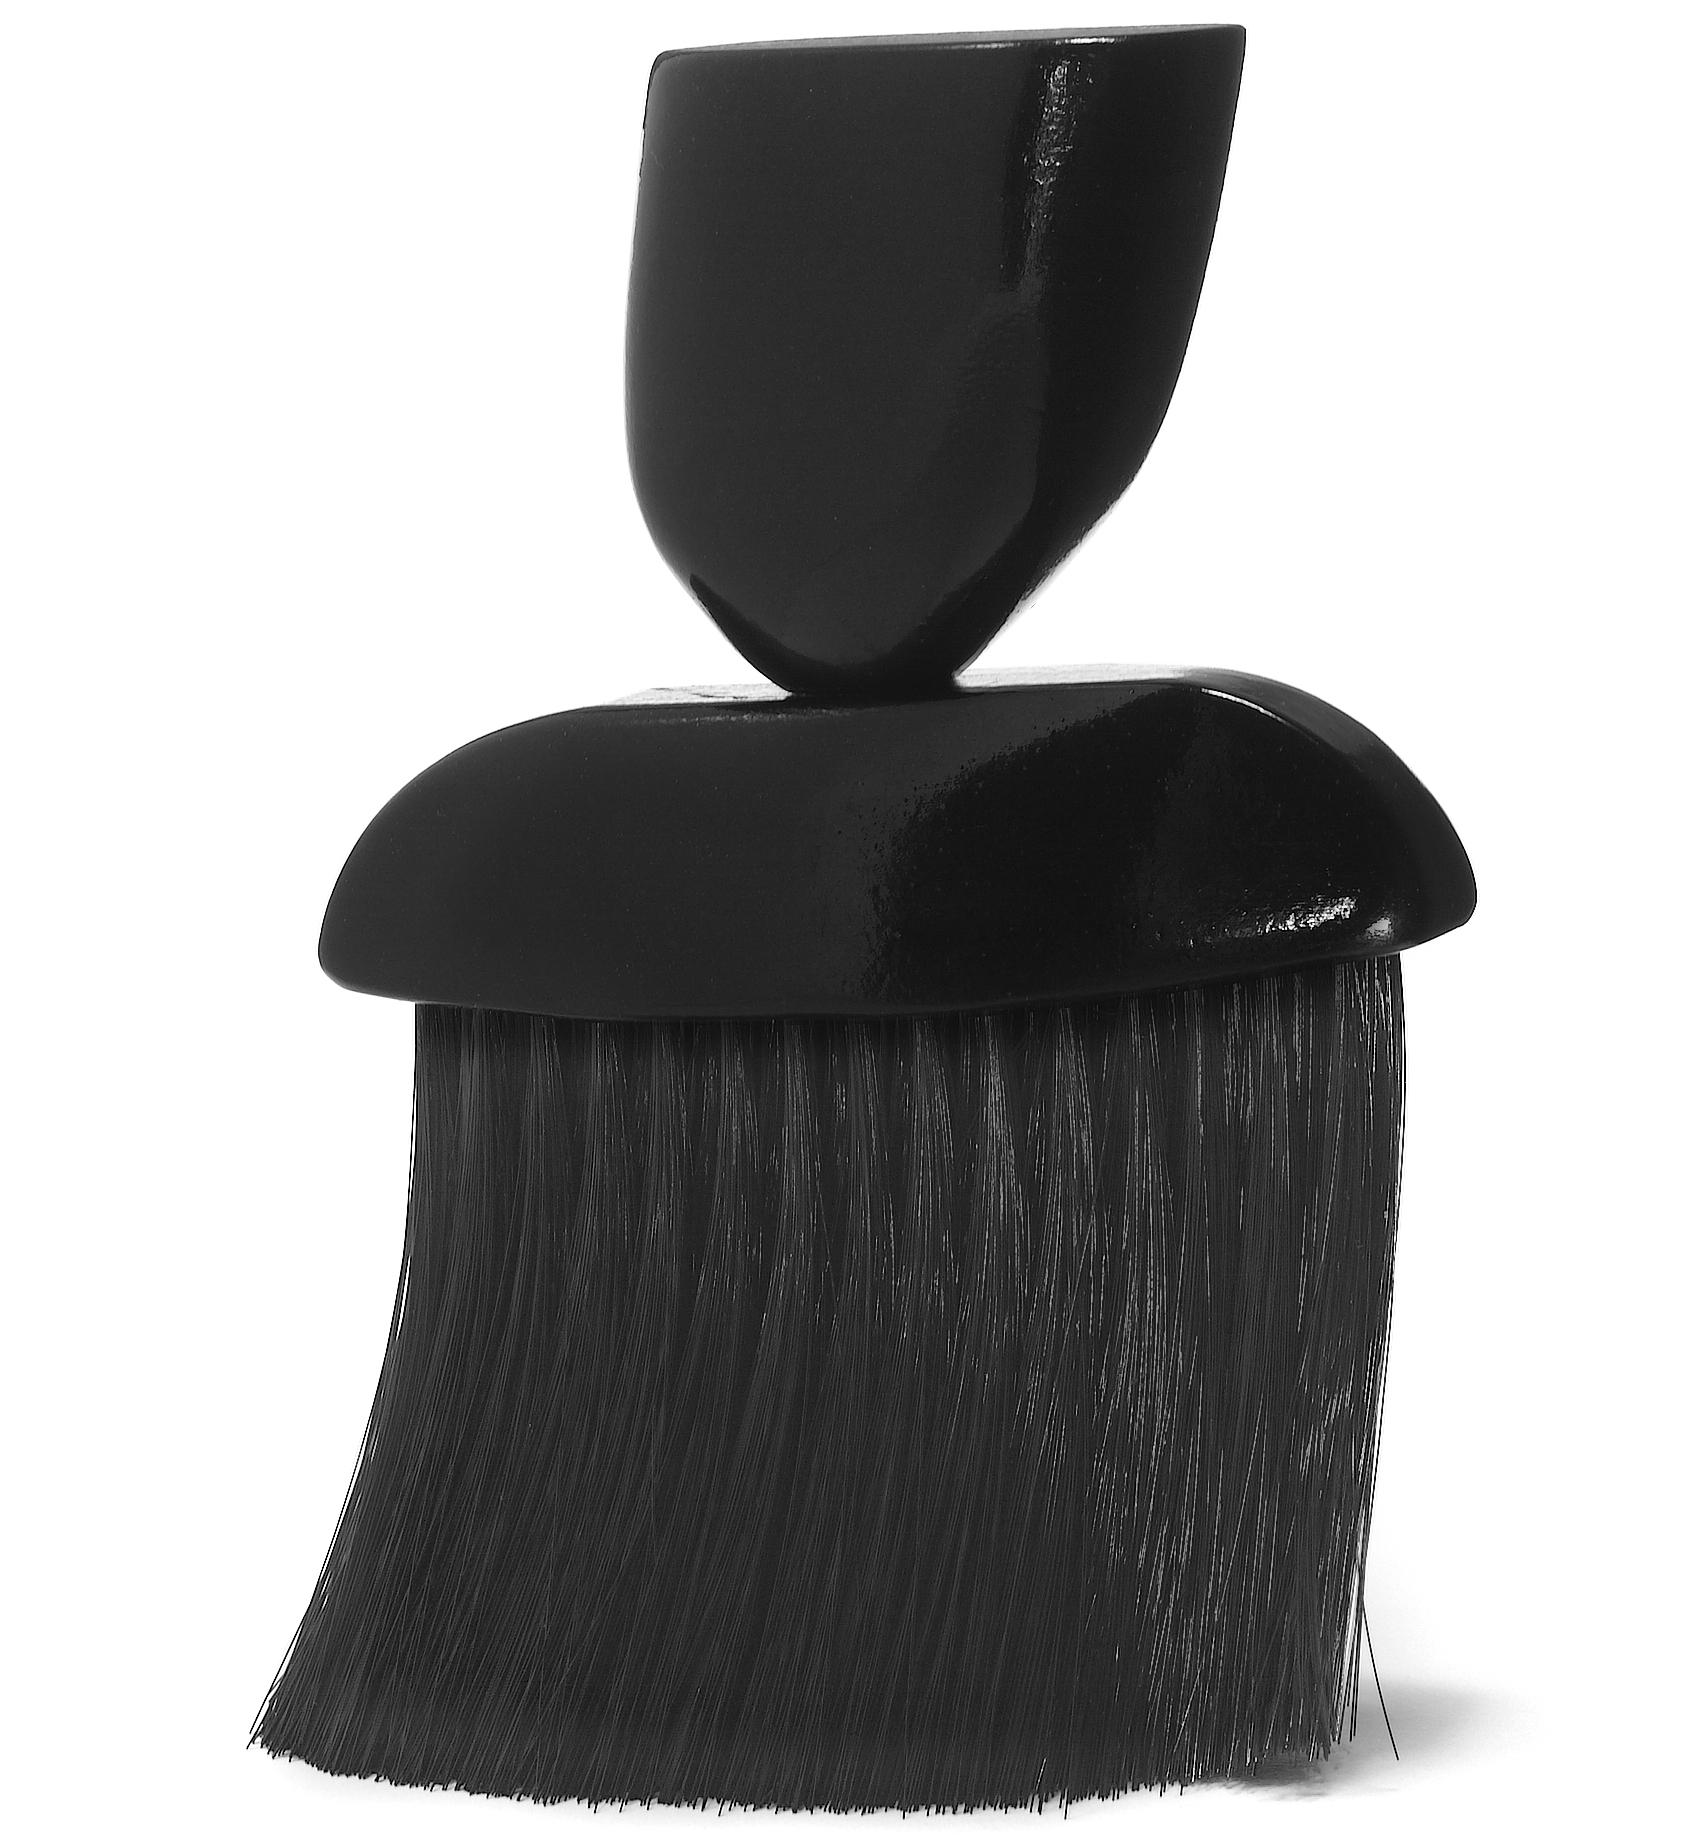 Oprašovák na vlasy drevený s umelými štetinami, čierny 7847